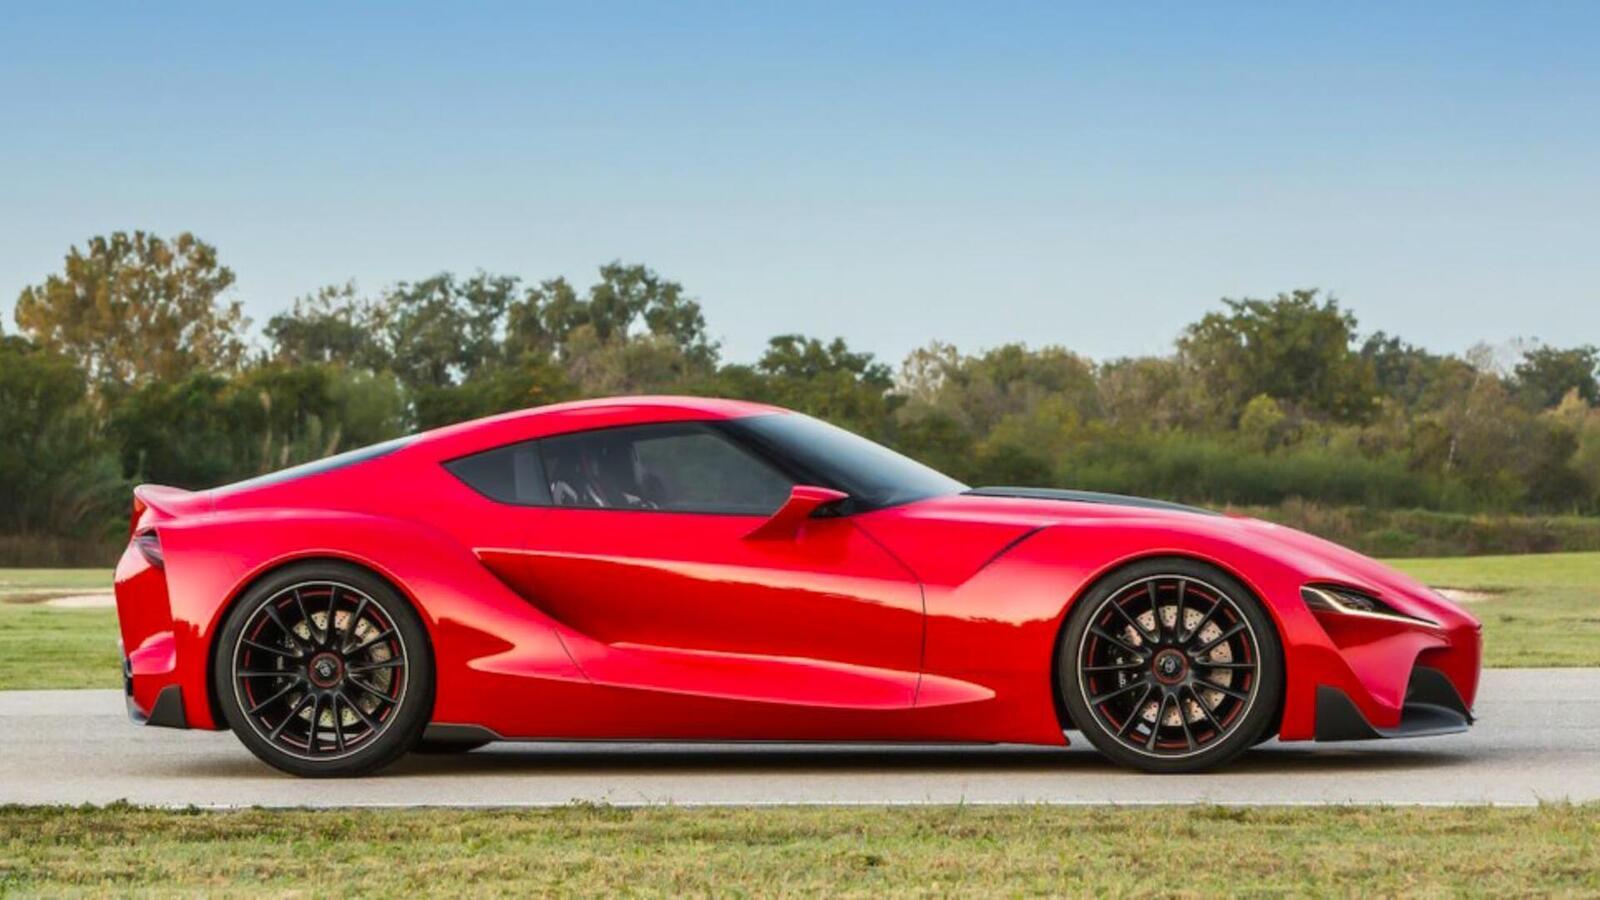 Ngoài đổi mới thiết kế trẻ trung Toyota sẽ phát triển nhiều xe thể thao hơn trong tương lai - Hình 4